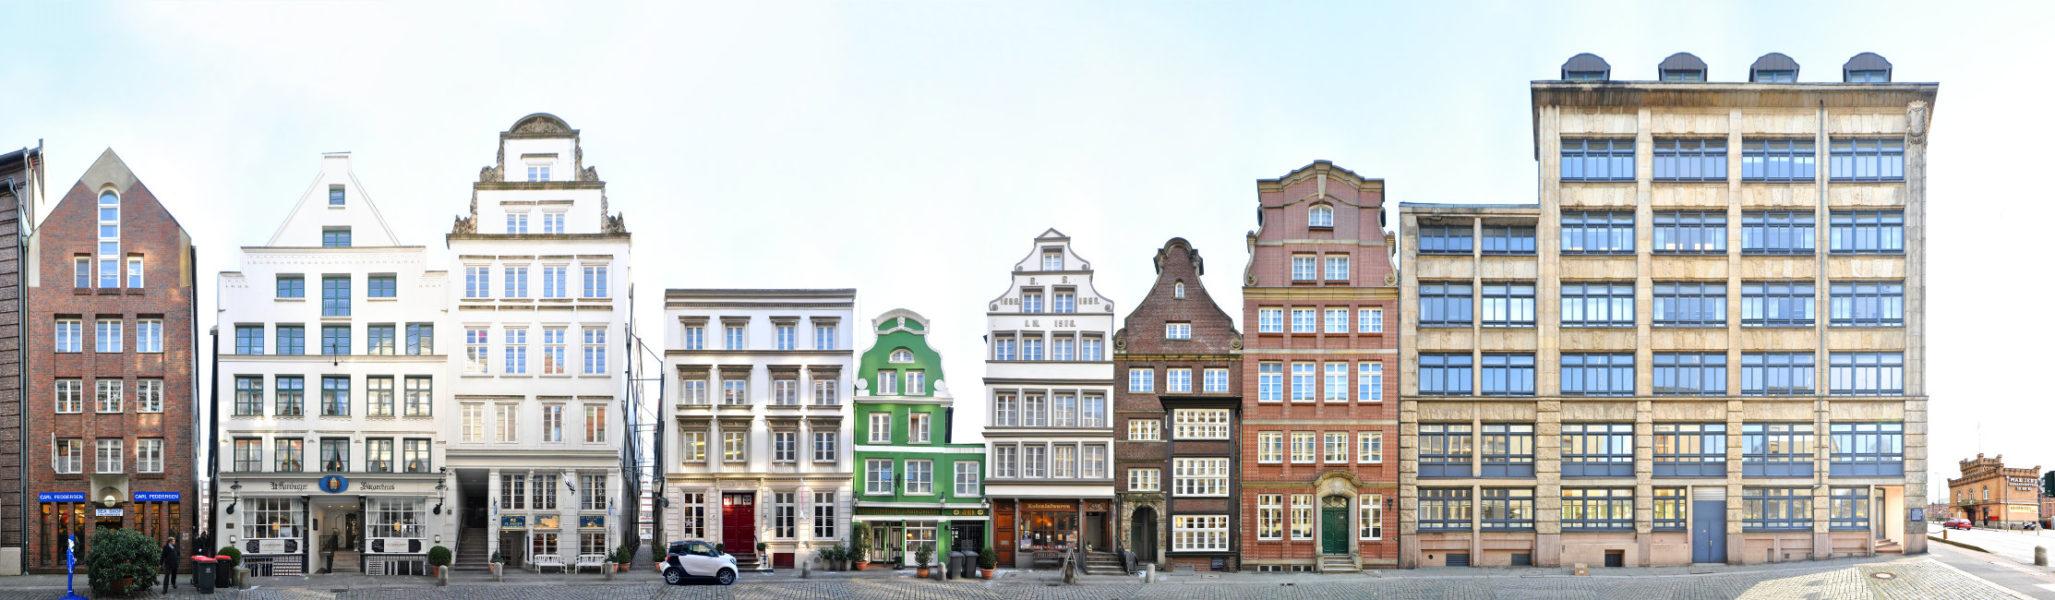 Deichstraße | Altstadt